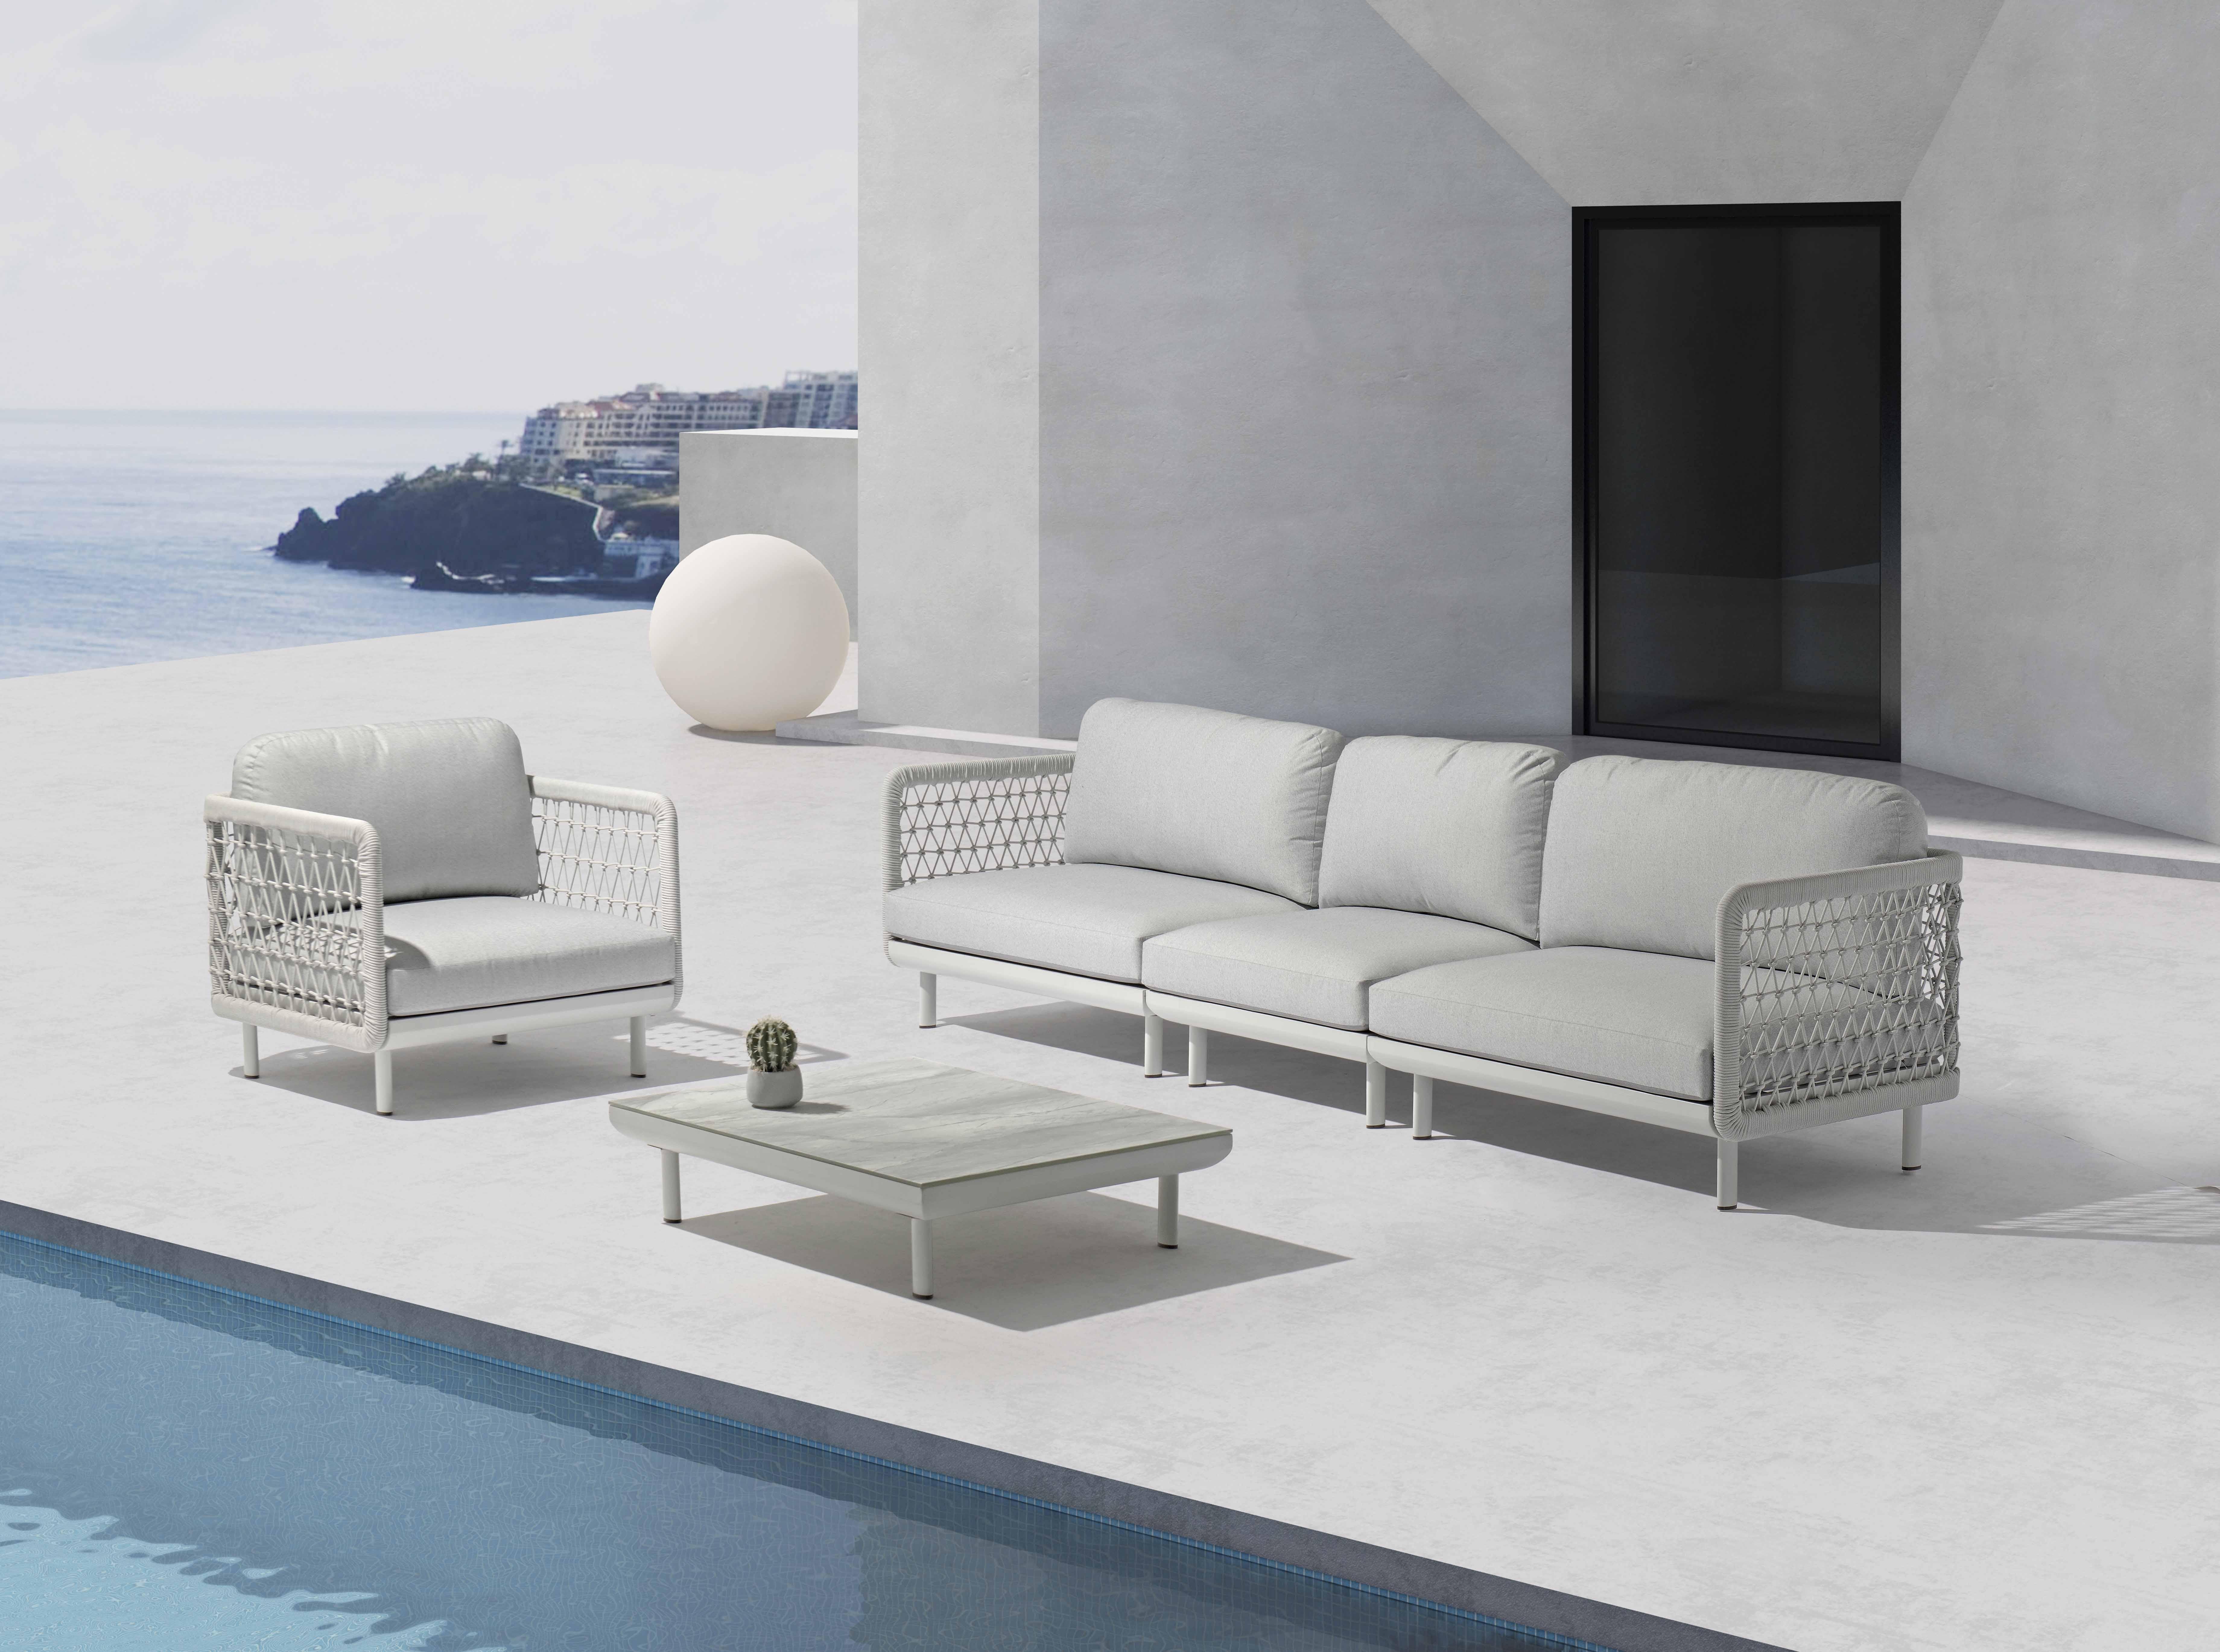 康福特户外沙发CL俱乐部沙发组合套装